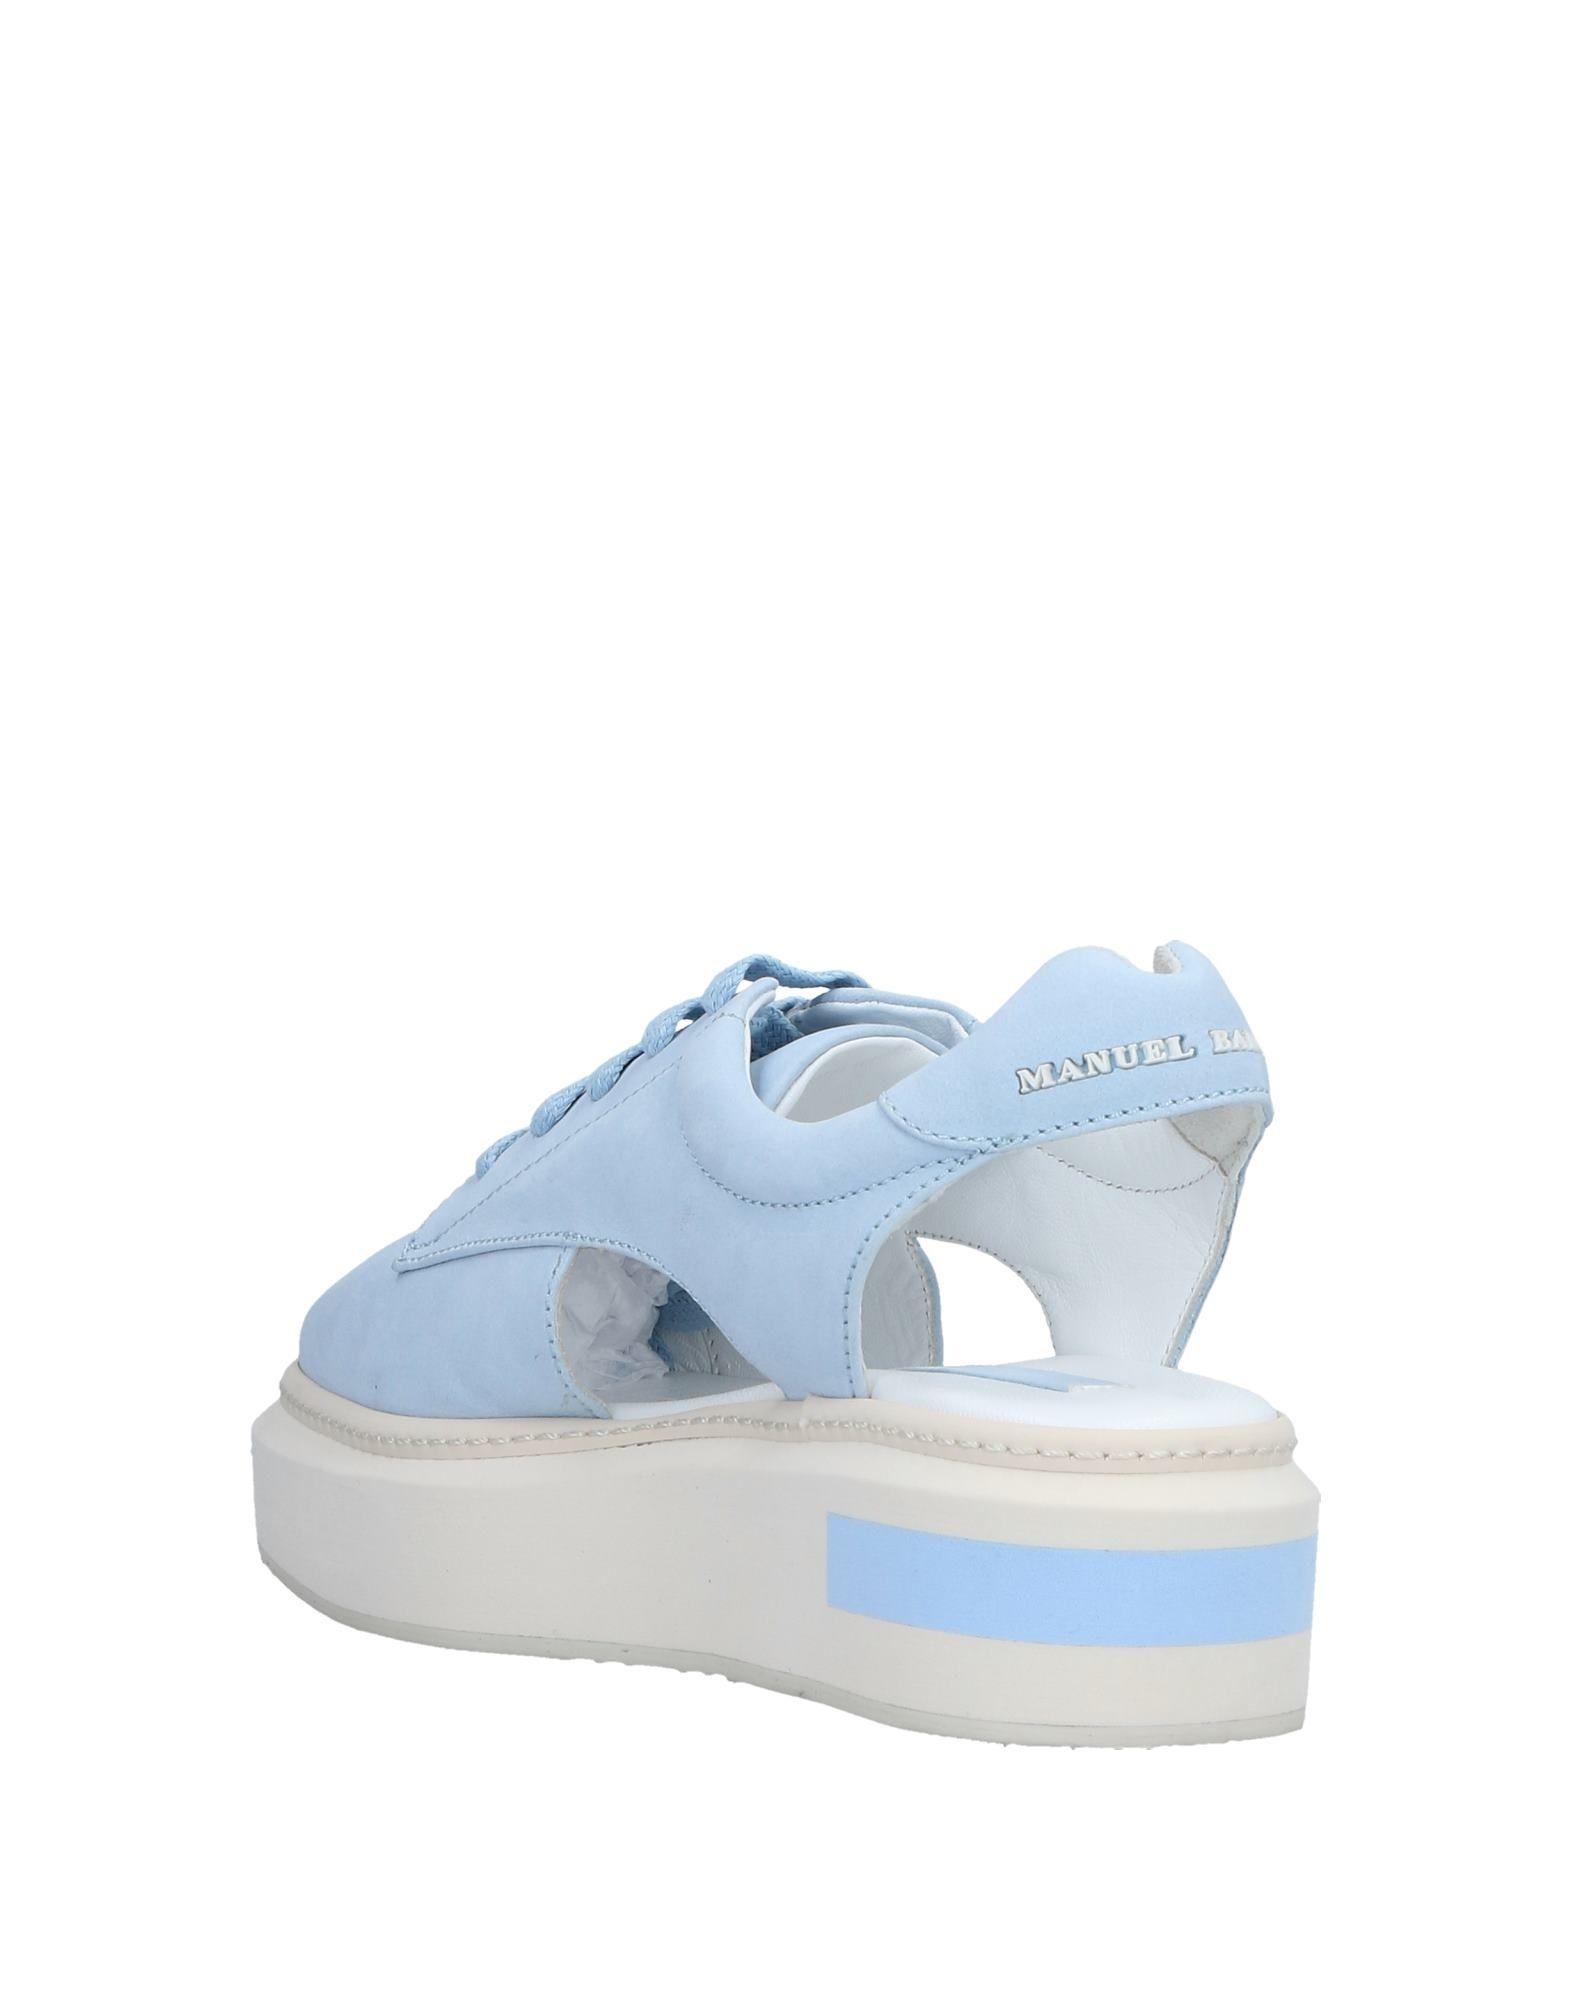 manuel barcel & & & # 243; sandales - femmes manuel barcel & # 243; sandales en ligne au royaume - uni - 11534789ev a737f9